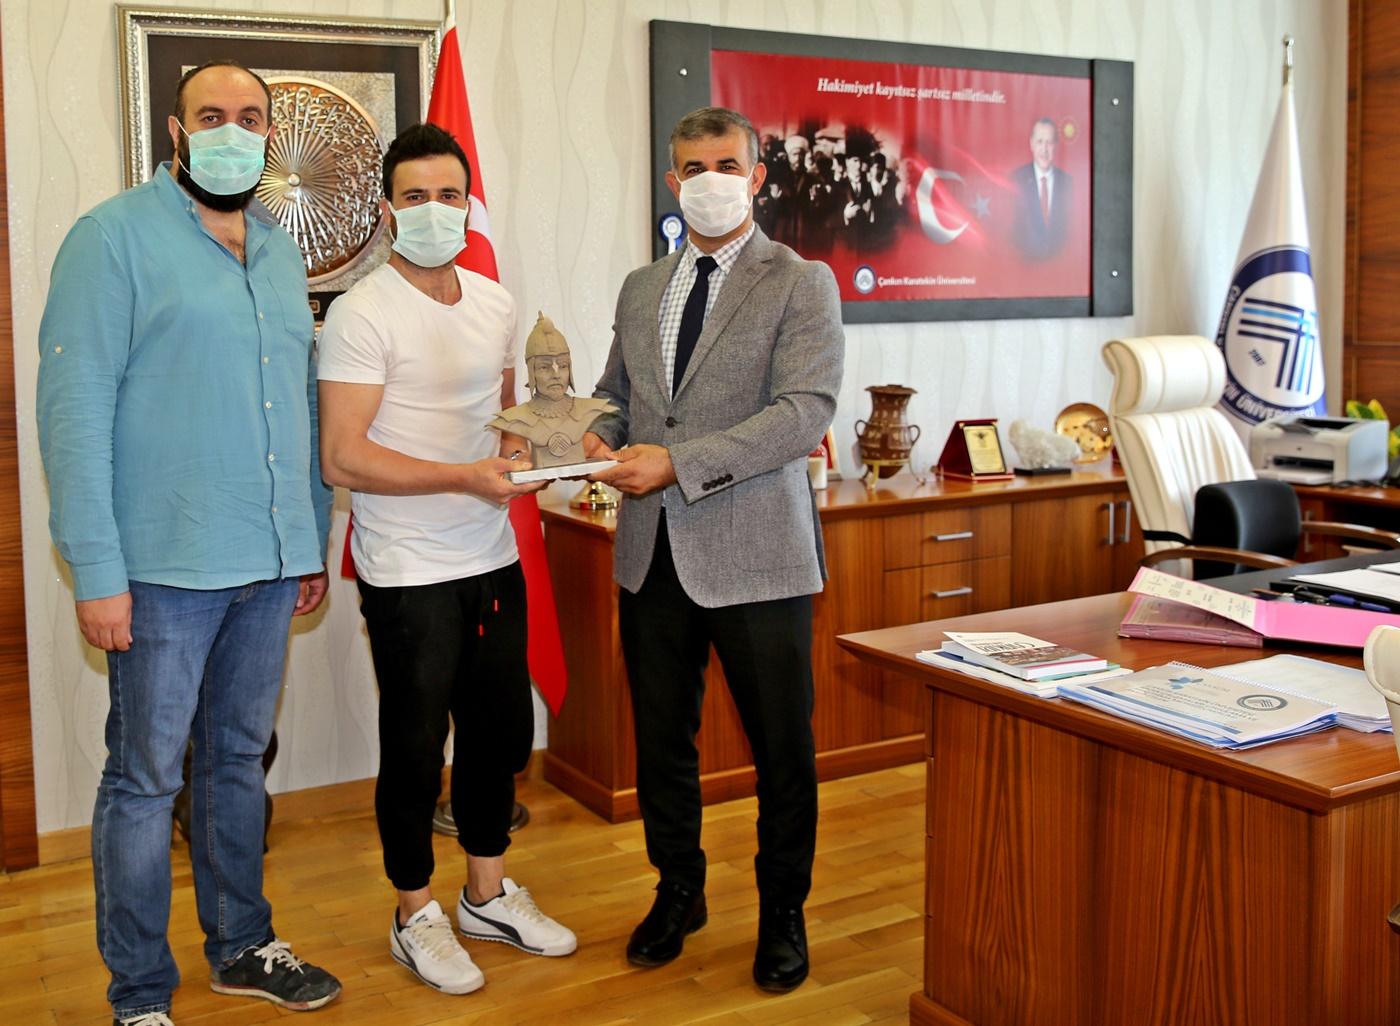 ÇAKÜ 'de Çankırı Fatihi Emir Karatekin'in İlk Heykel Çalışması Yapıldı